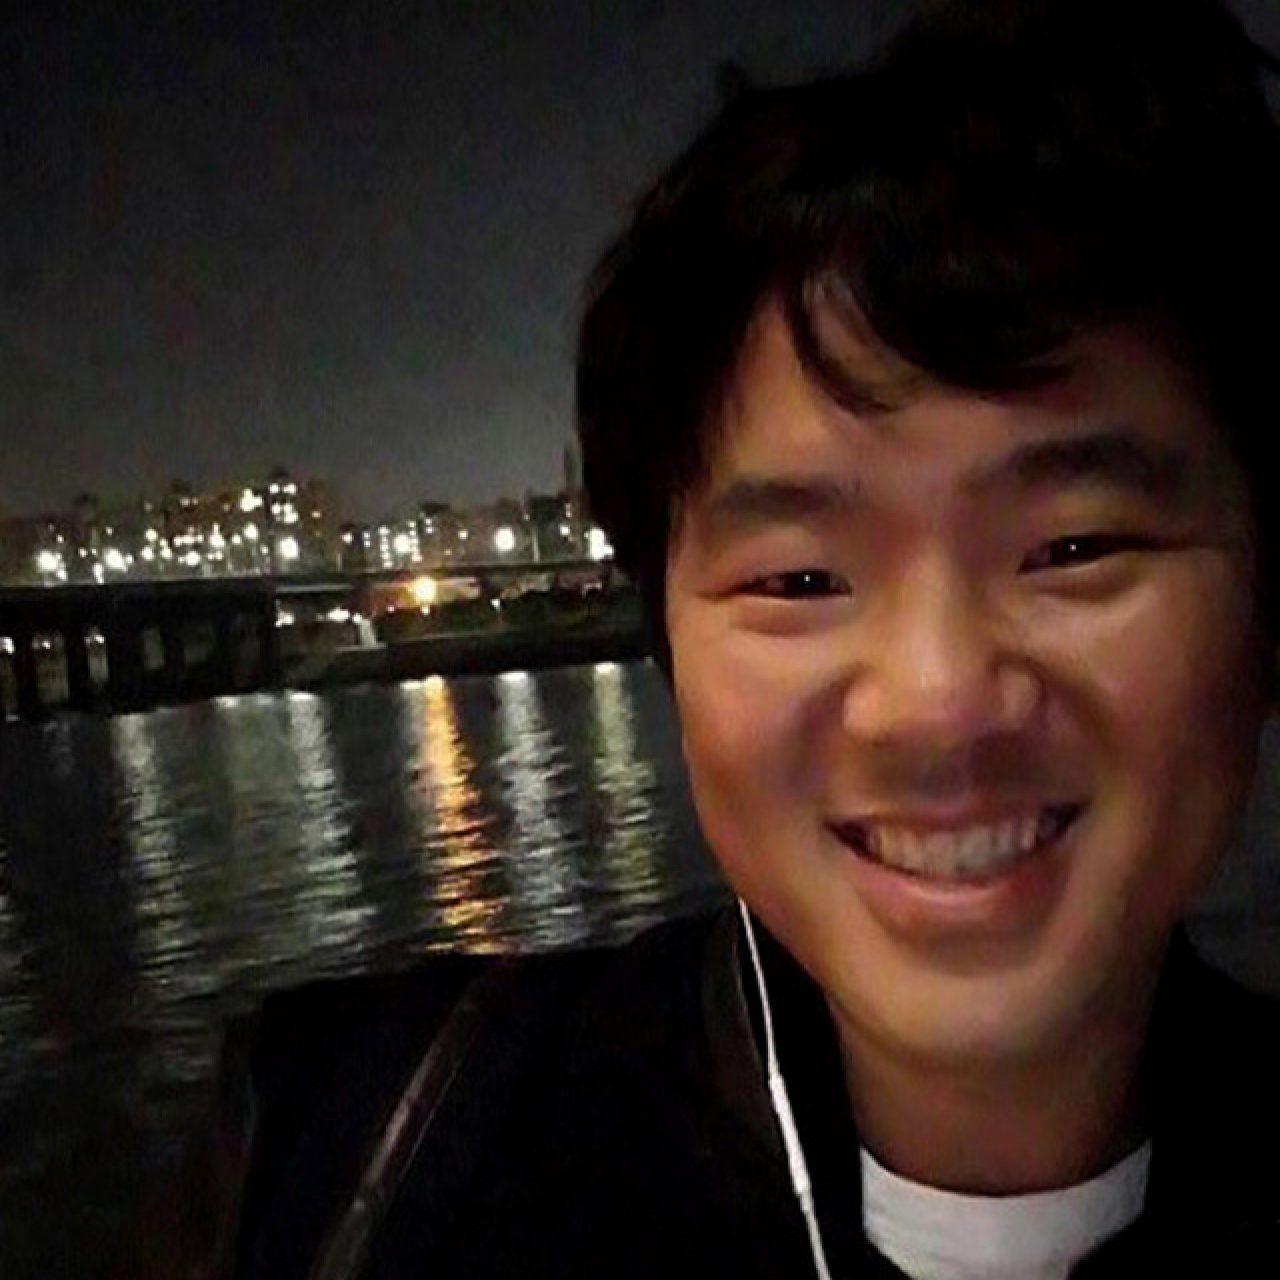 홍일탁 메인(좌우반전)